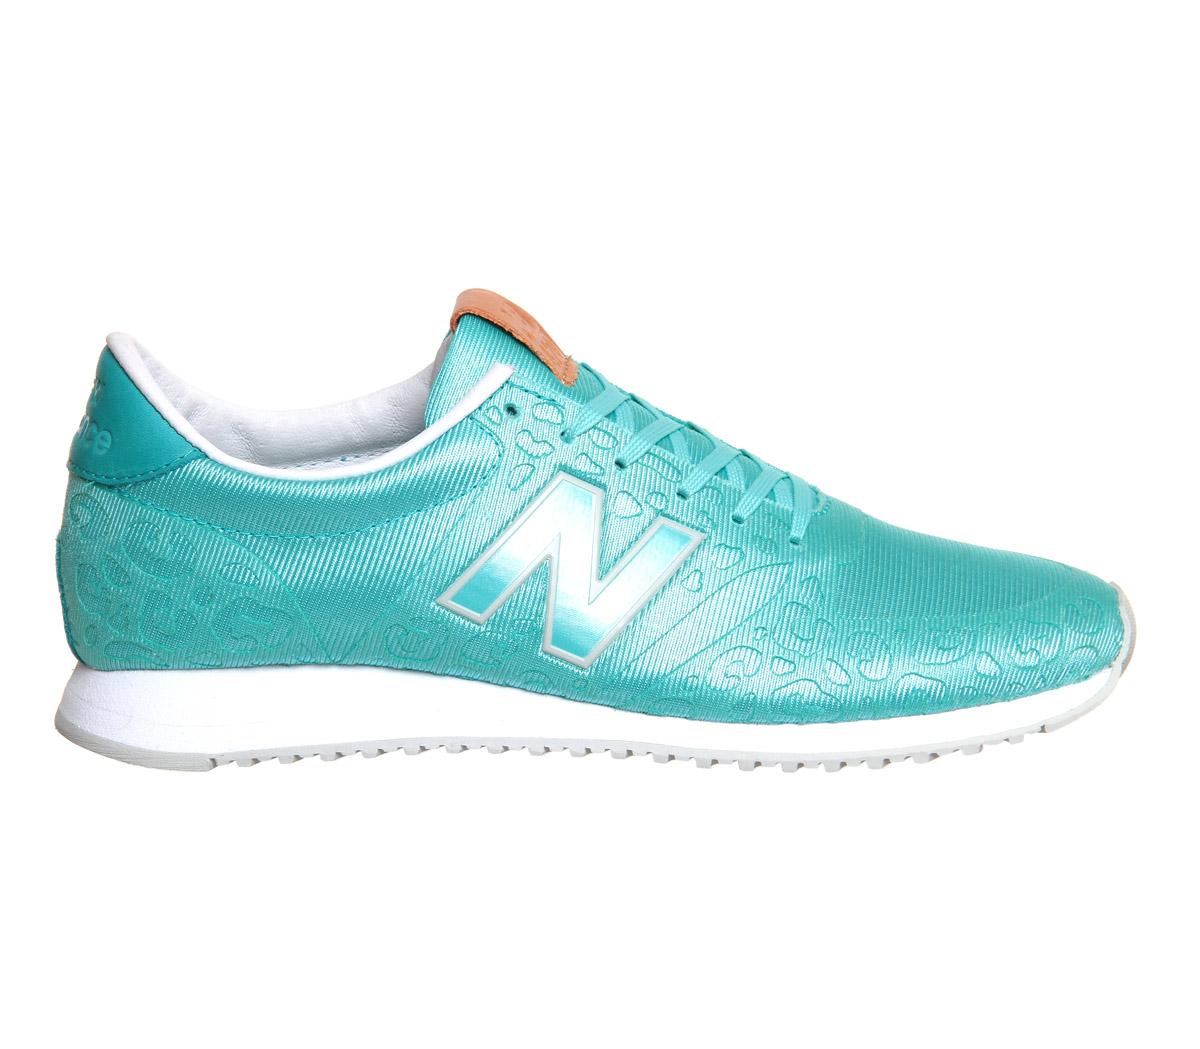 new balance 420 turquoise